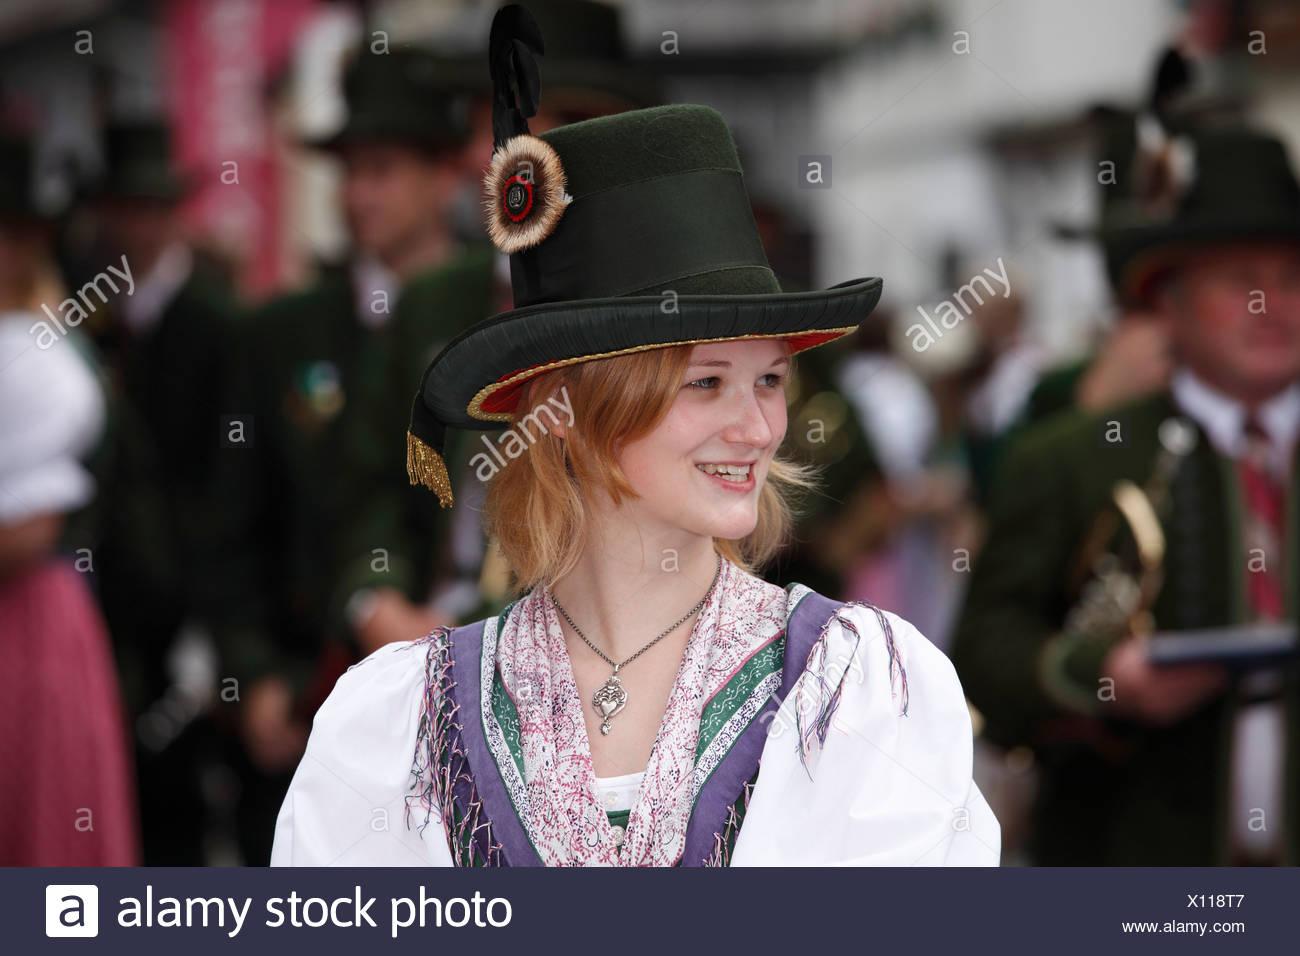 Junge Frau in Tracht, Narzissenfest Narcissus-Festival in Bad Aussee, Ausseer Land, Salzkammergut Bereich, Steiermark, A Stockbild